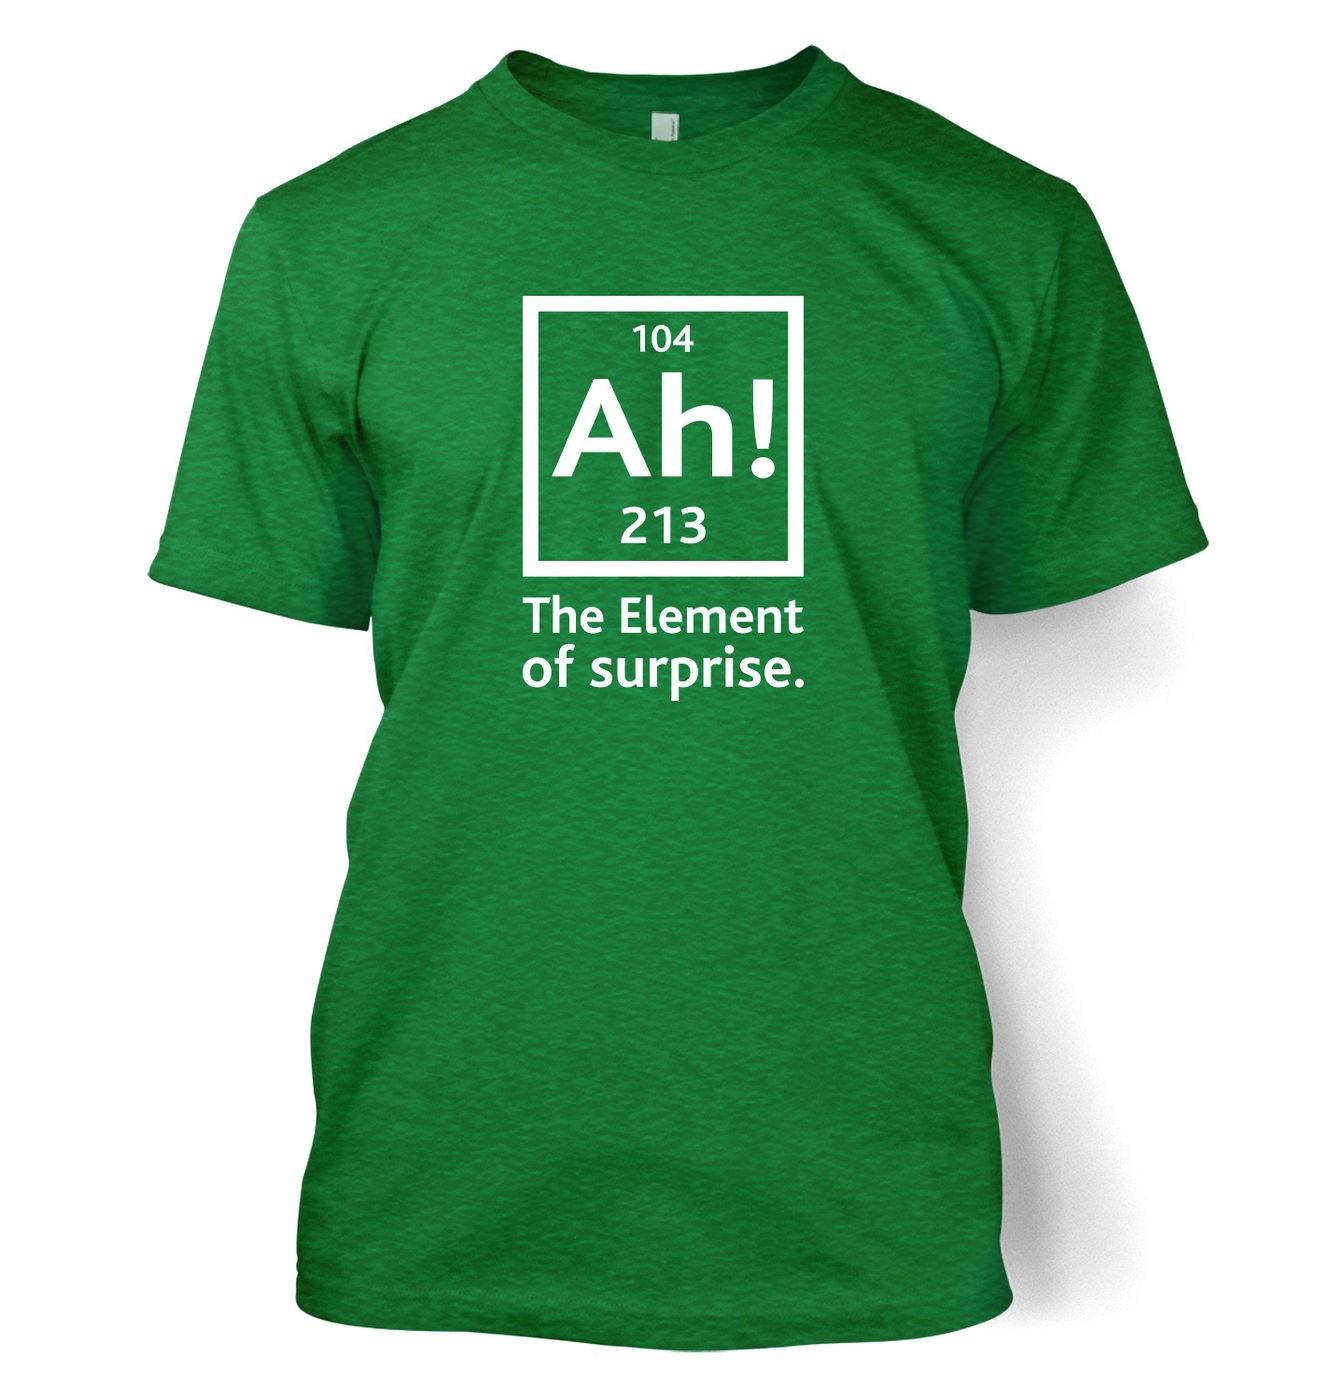 Ah! The Element Of Surprise men's t-shirt